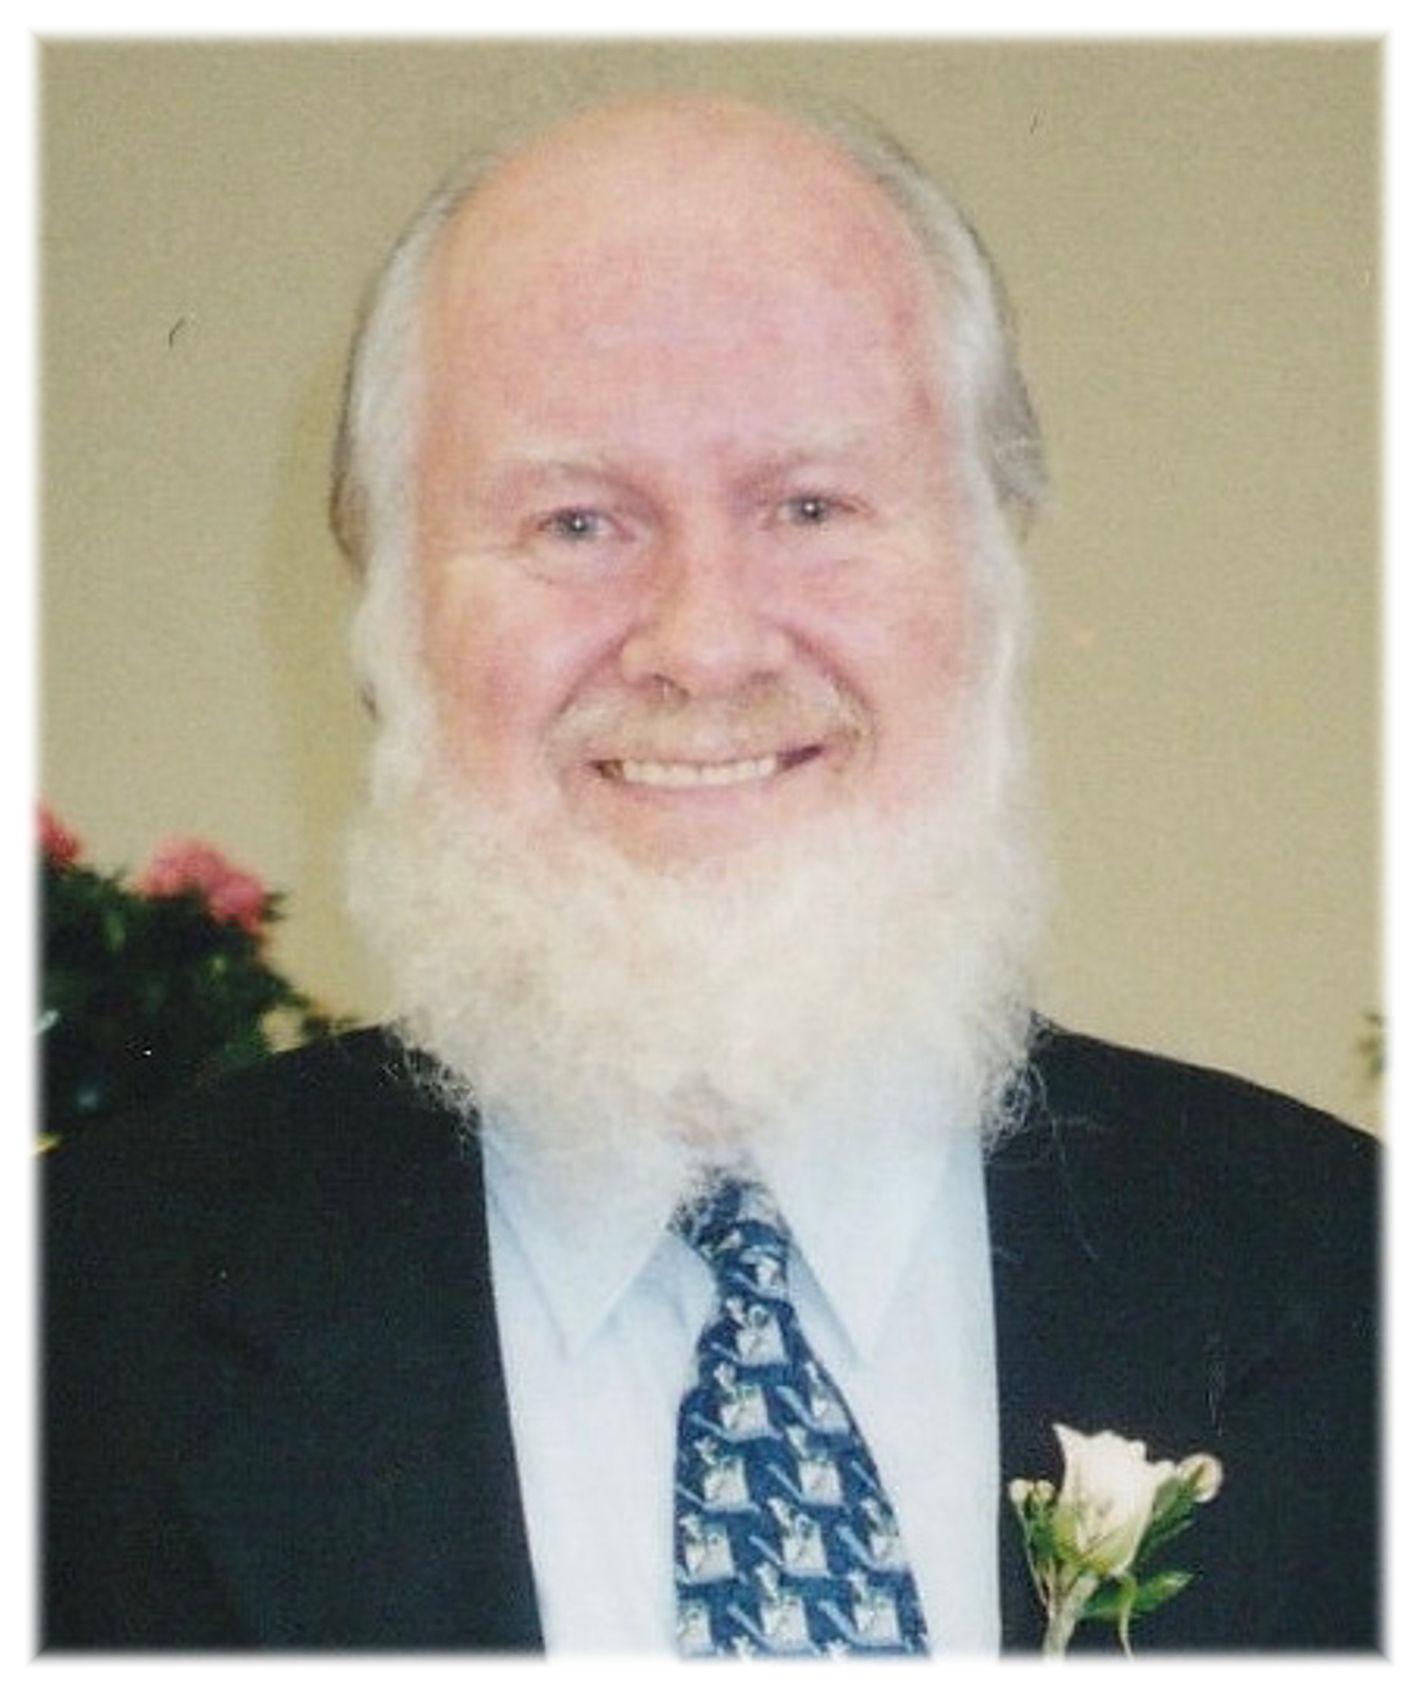 Robert W. (Bob) Berry